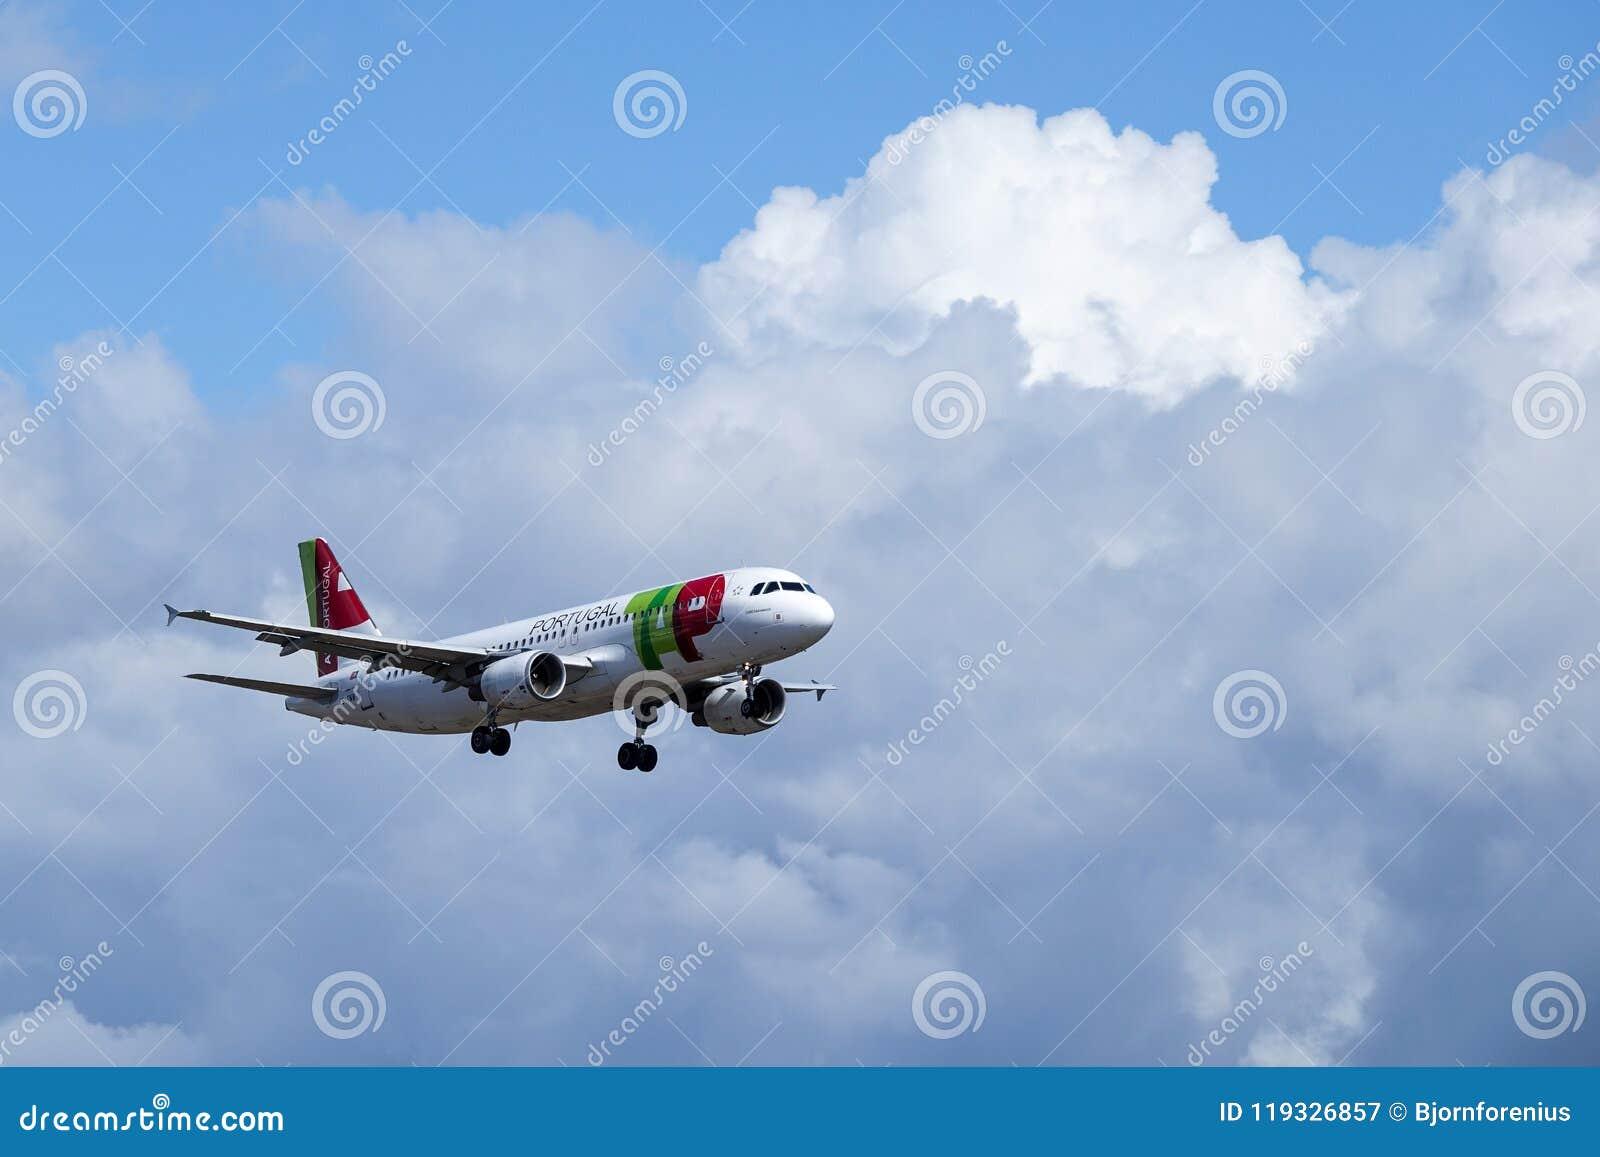 KNACKA LÄTT PÅ Air Portugal, flygbussen A320 - 251N